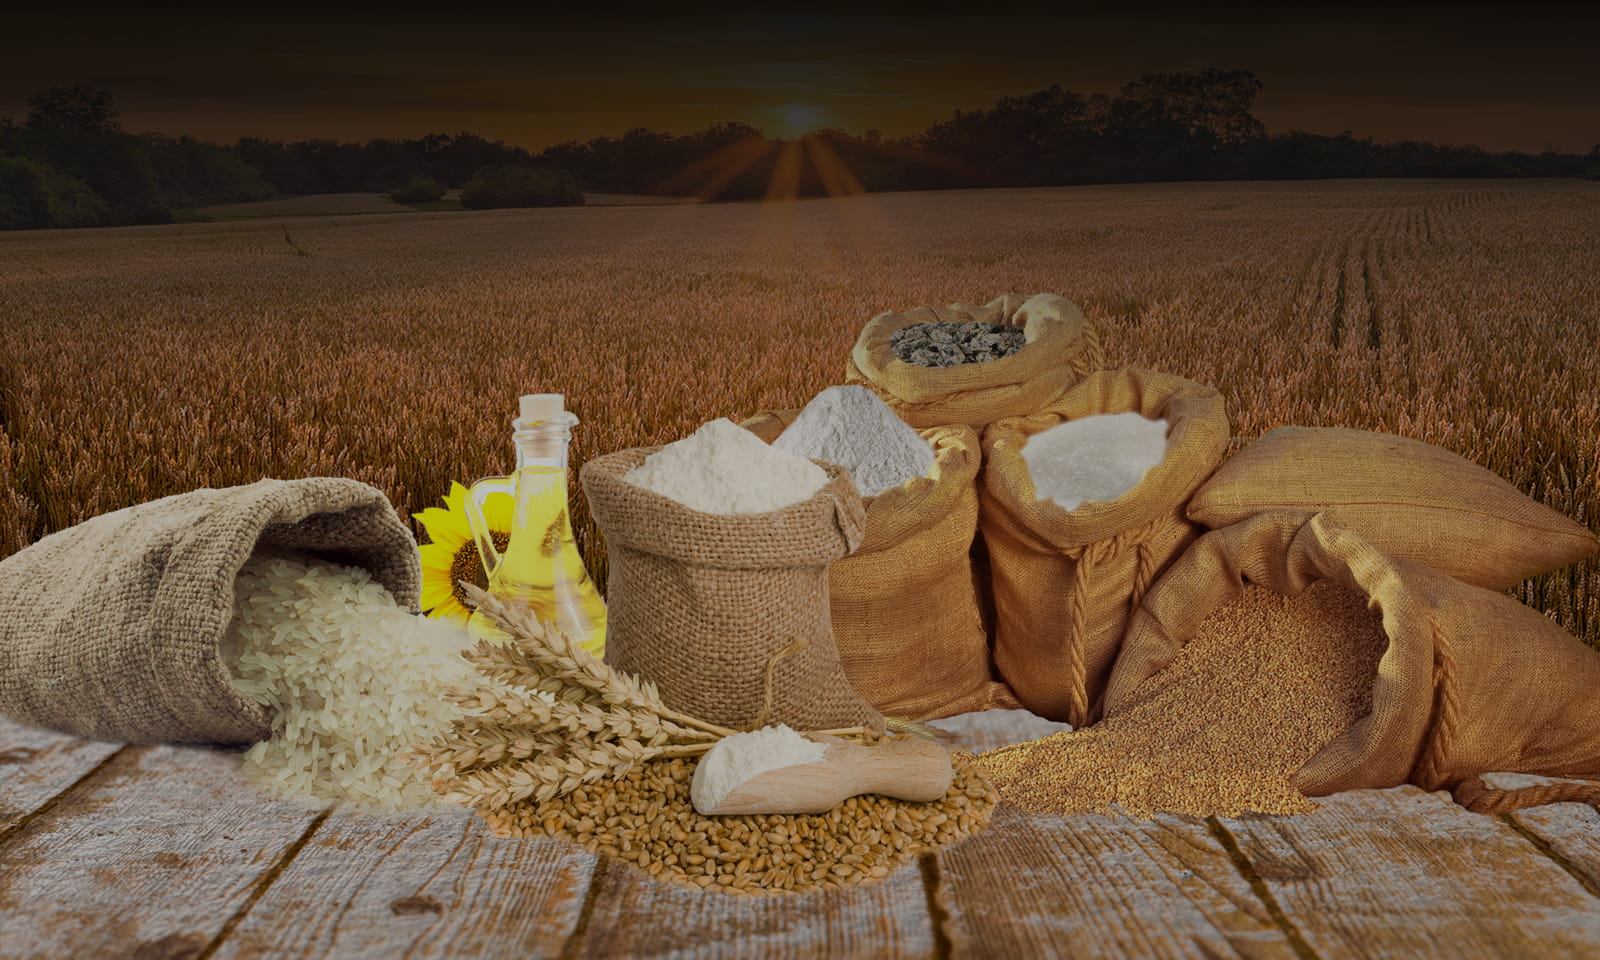 продукты-сельхозпереработки-качество-низкие-цены